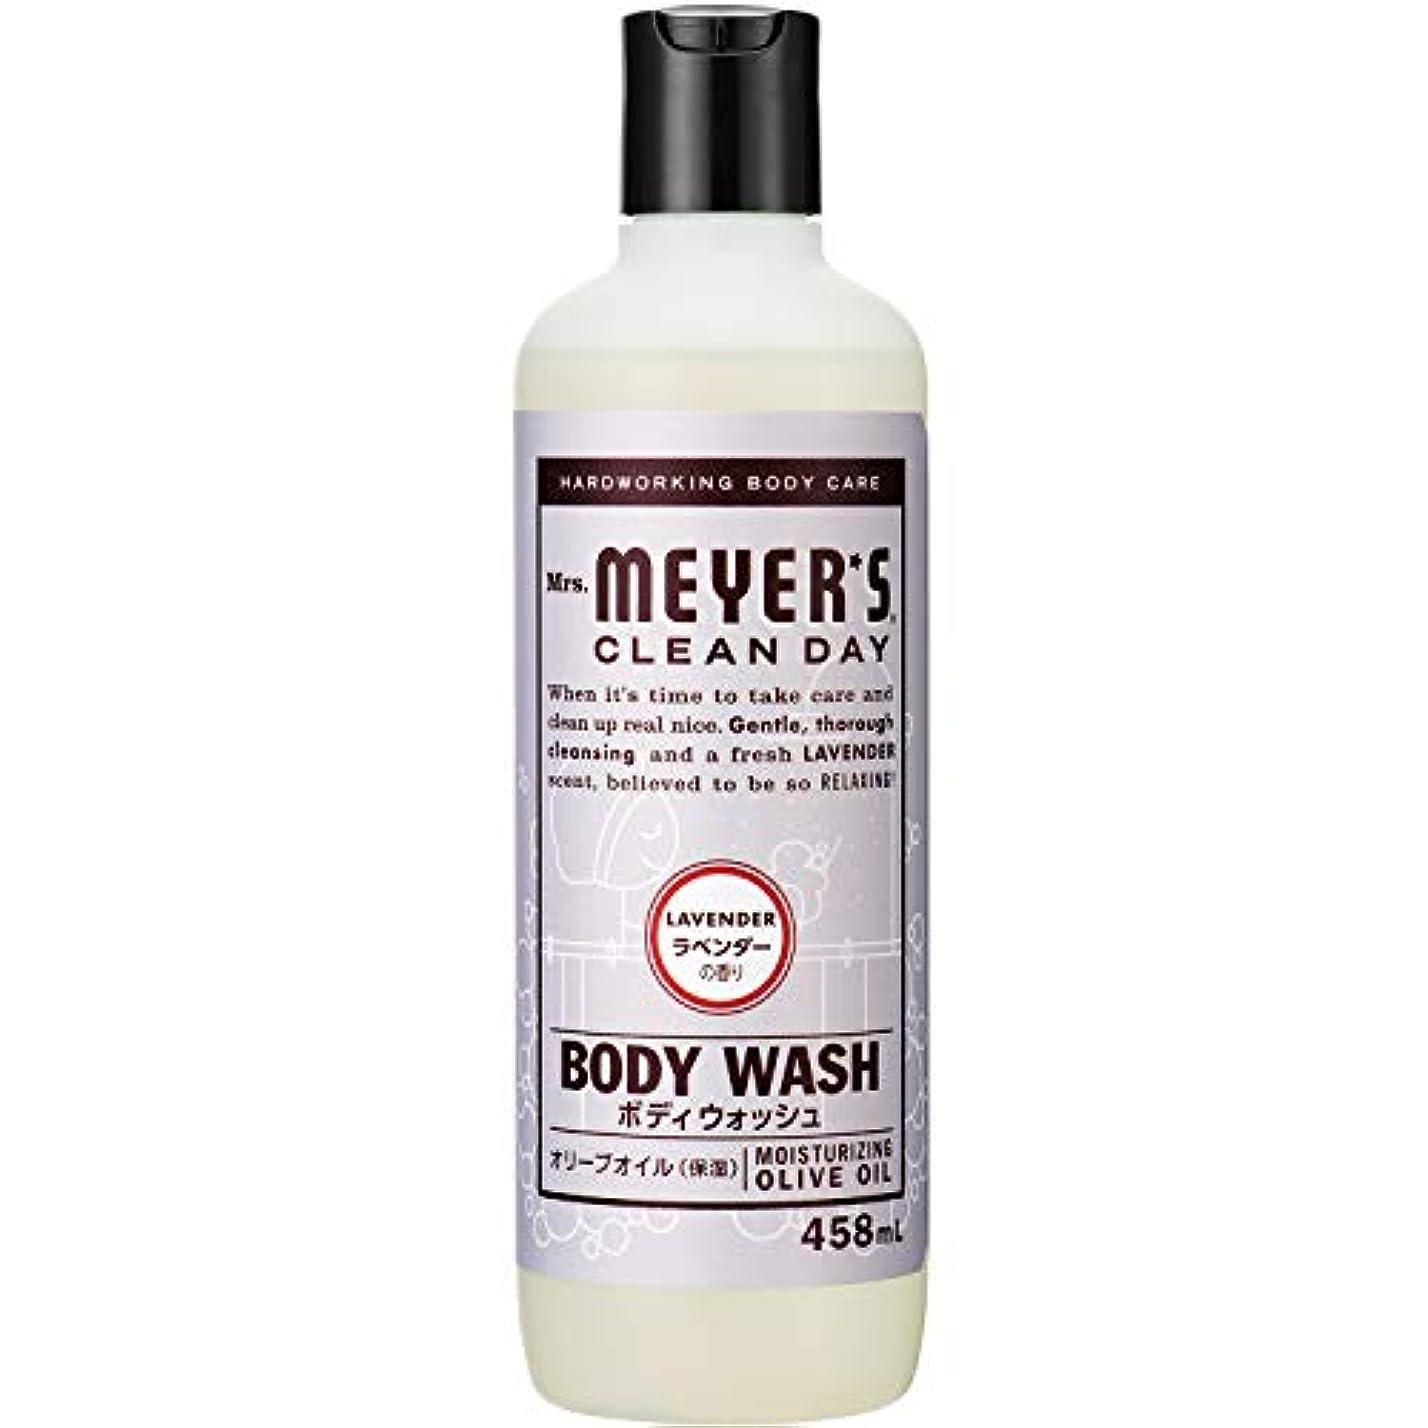 恥週末第三Mrs. MEYER'S CLEAN DAY(ミセスマイヤーズ クリーンデイ) ミセスマイヤーズ クリーンデイ(Mrs.Meyers Clean Day) ボディウォッシュ ラベンダーの香り 458ml ボディソープ